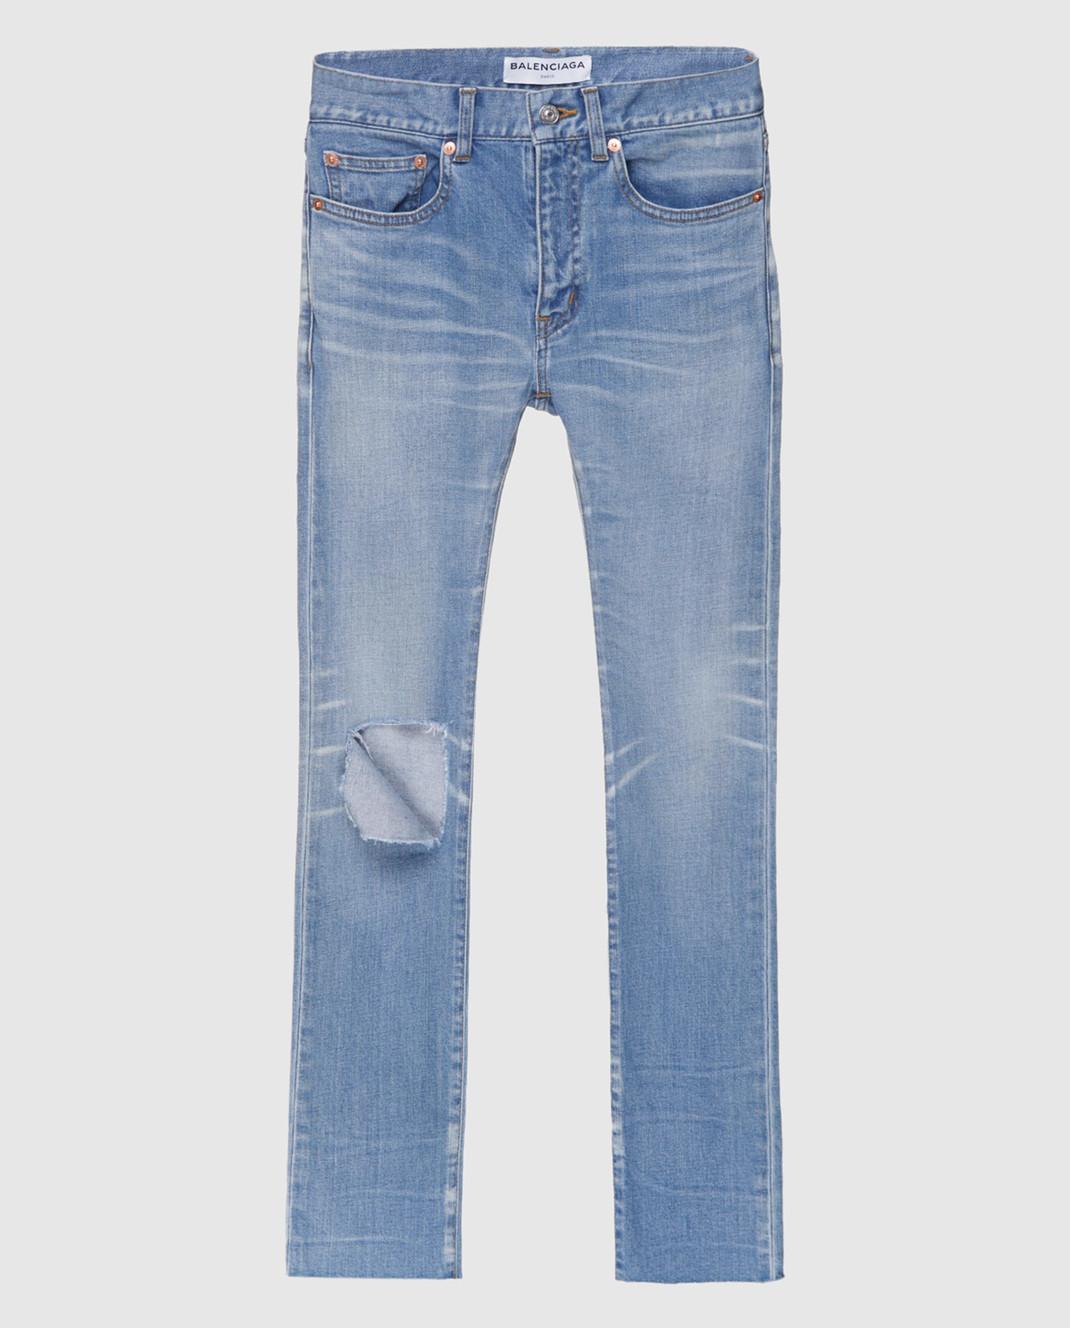 Balenciaga Голубые джинсы изображение 1